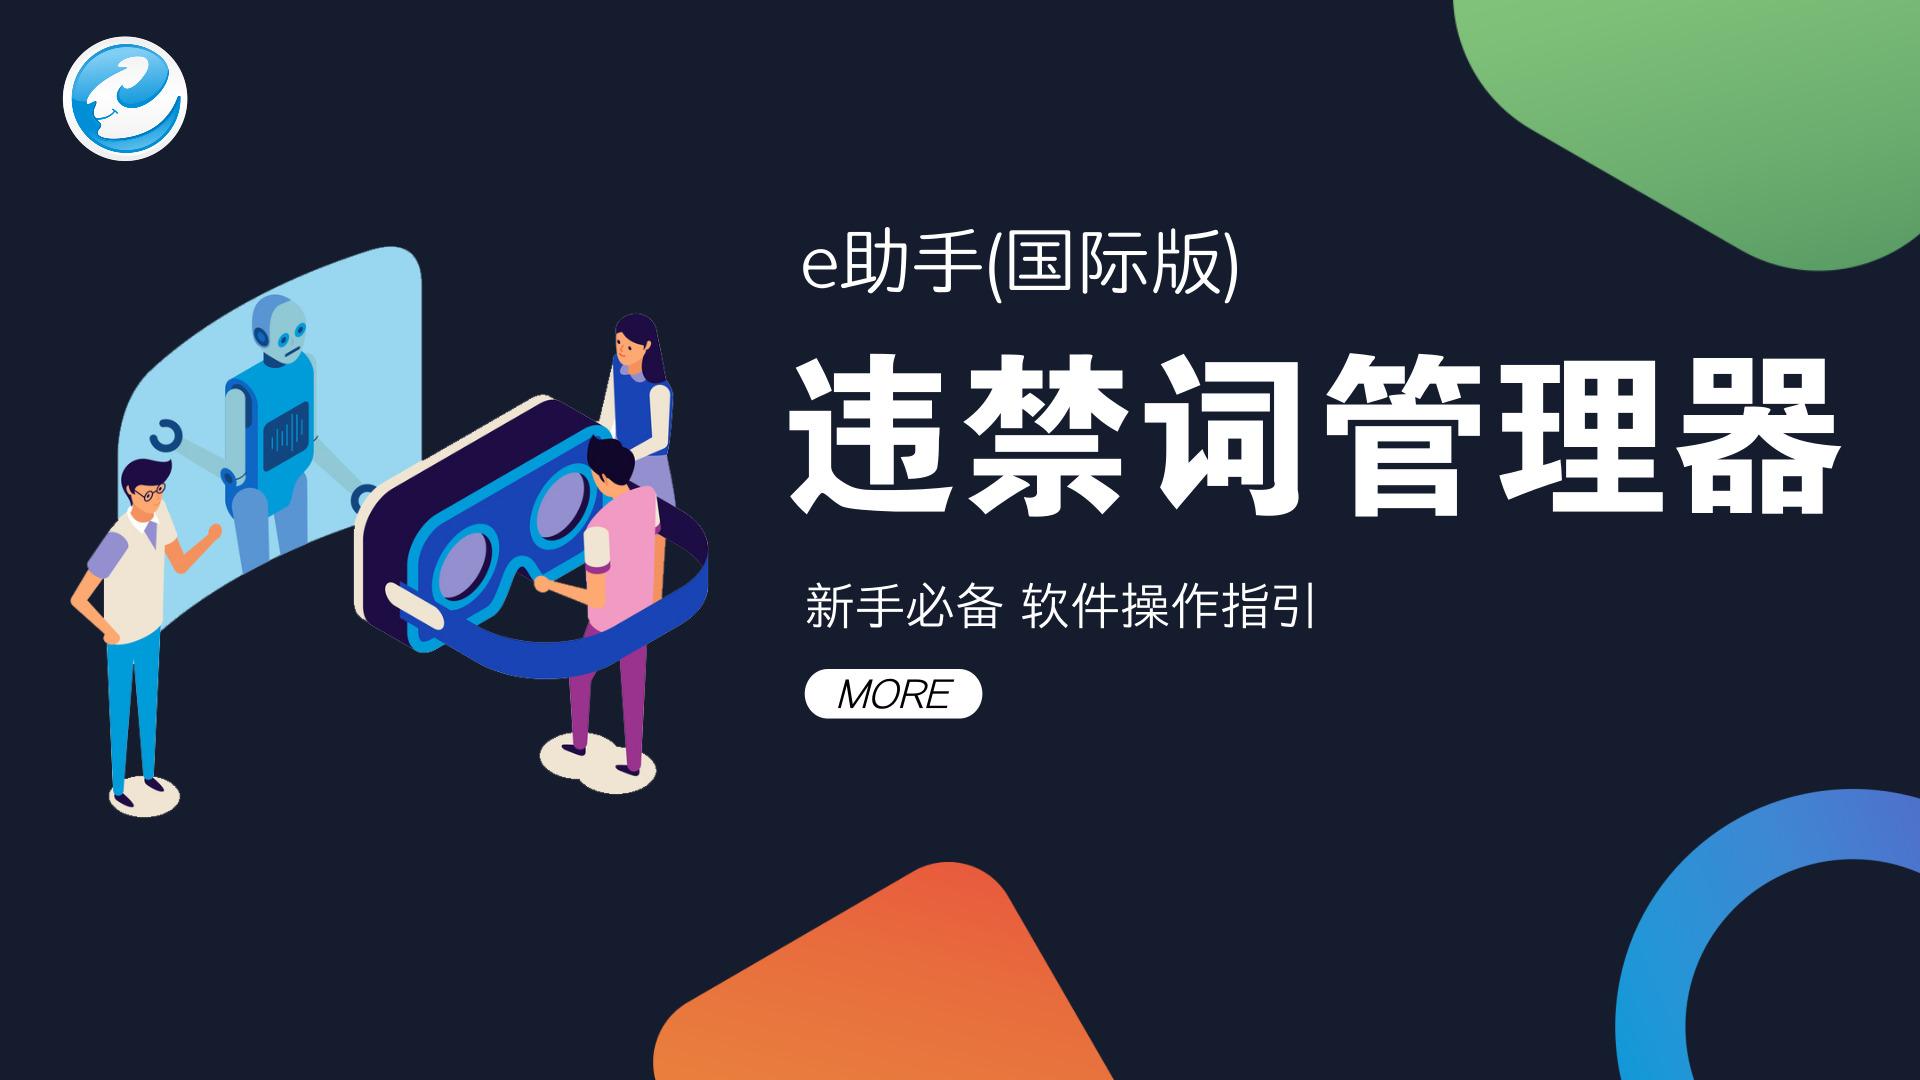 【优词功能-违禁词管理器】功能的操作指引